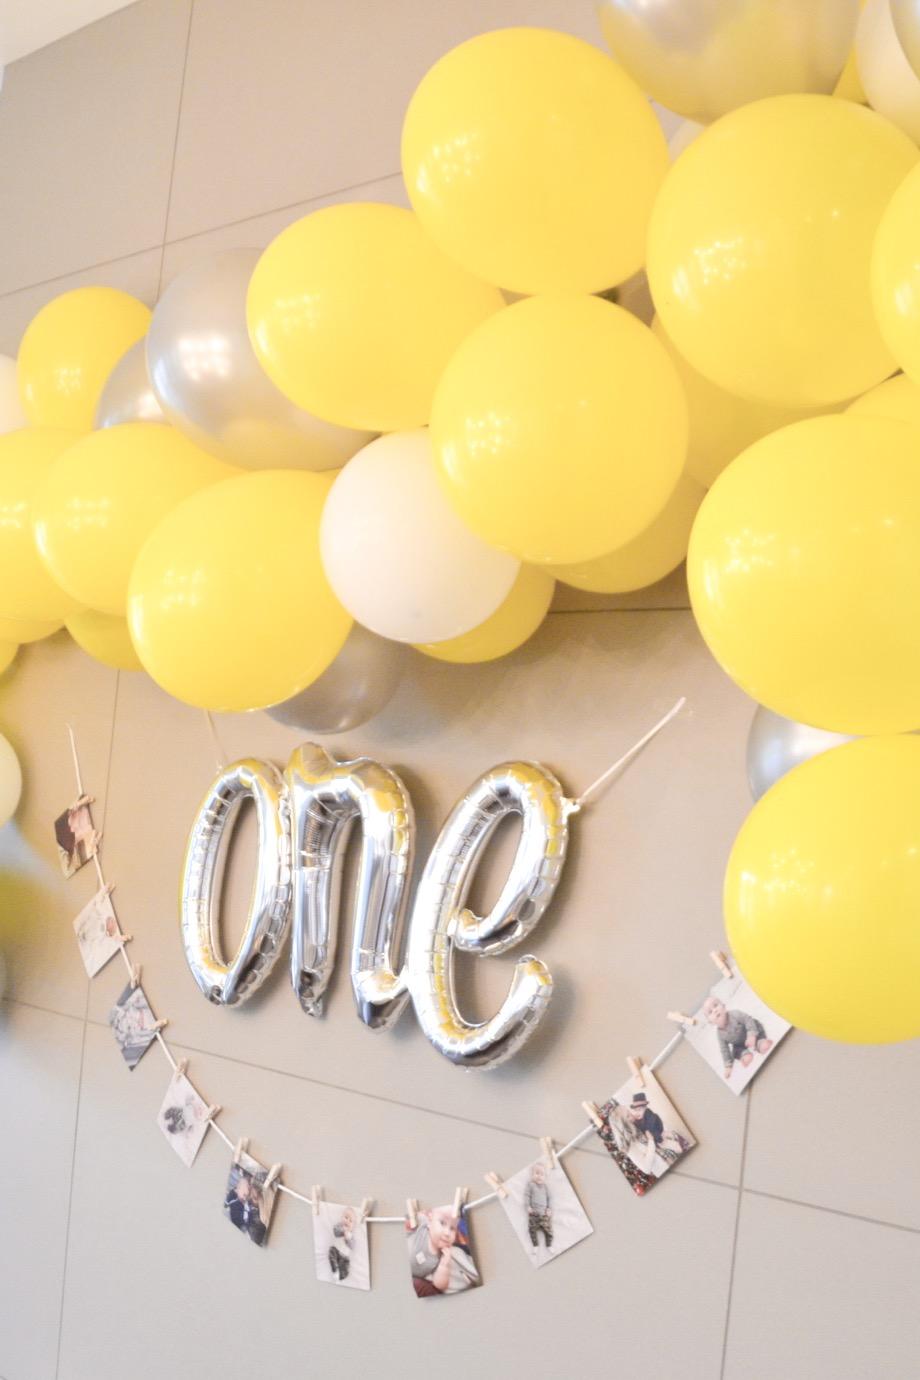 DIY-Balloon-Arch-6.JPG